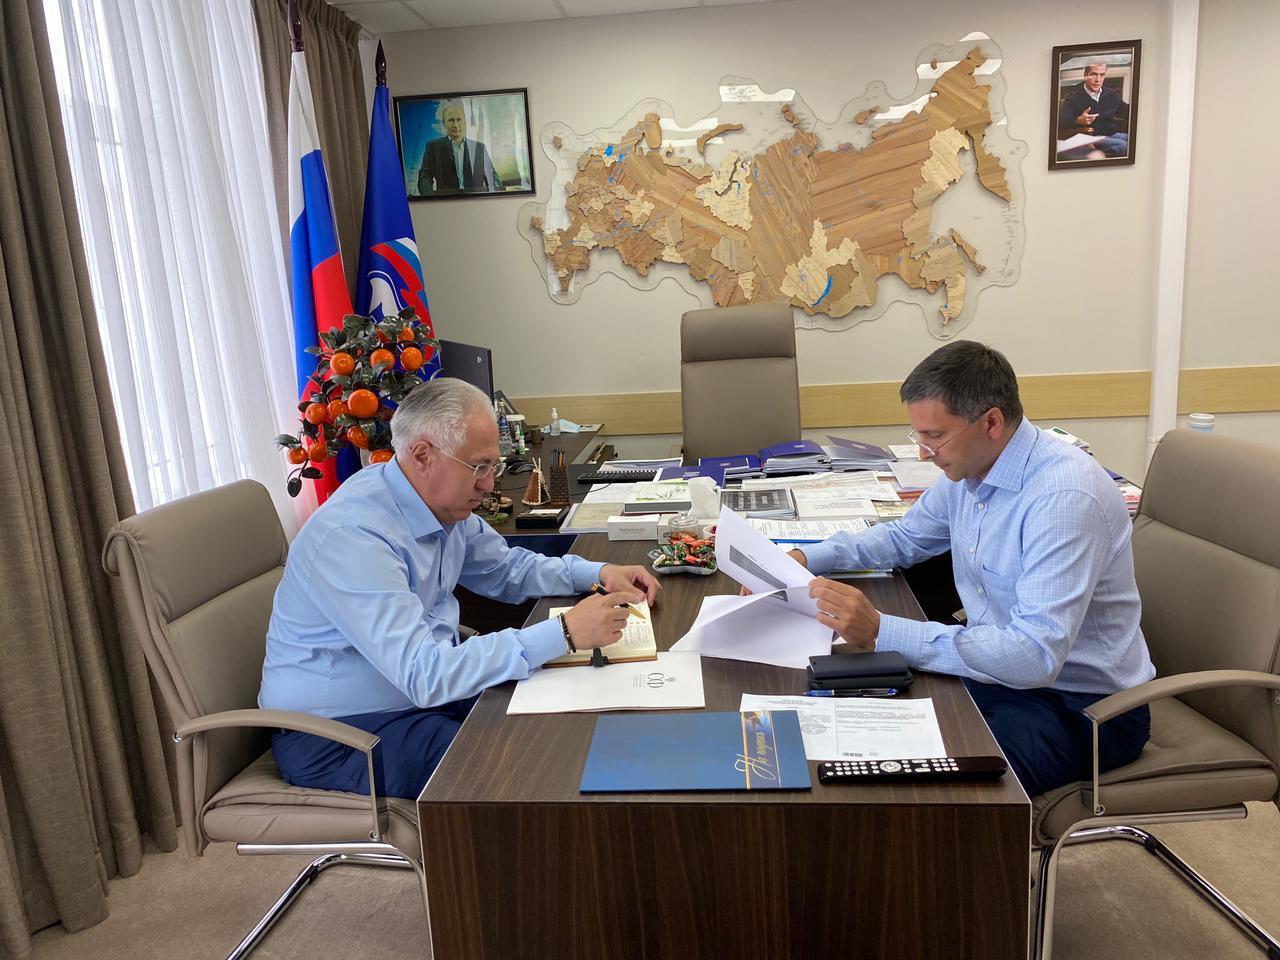 Рашид Исмаилов и Дмитрий Кобылкин обсудили совместную повестку